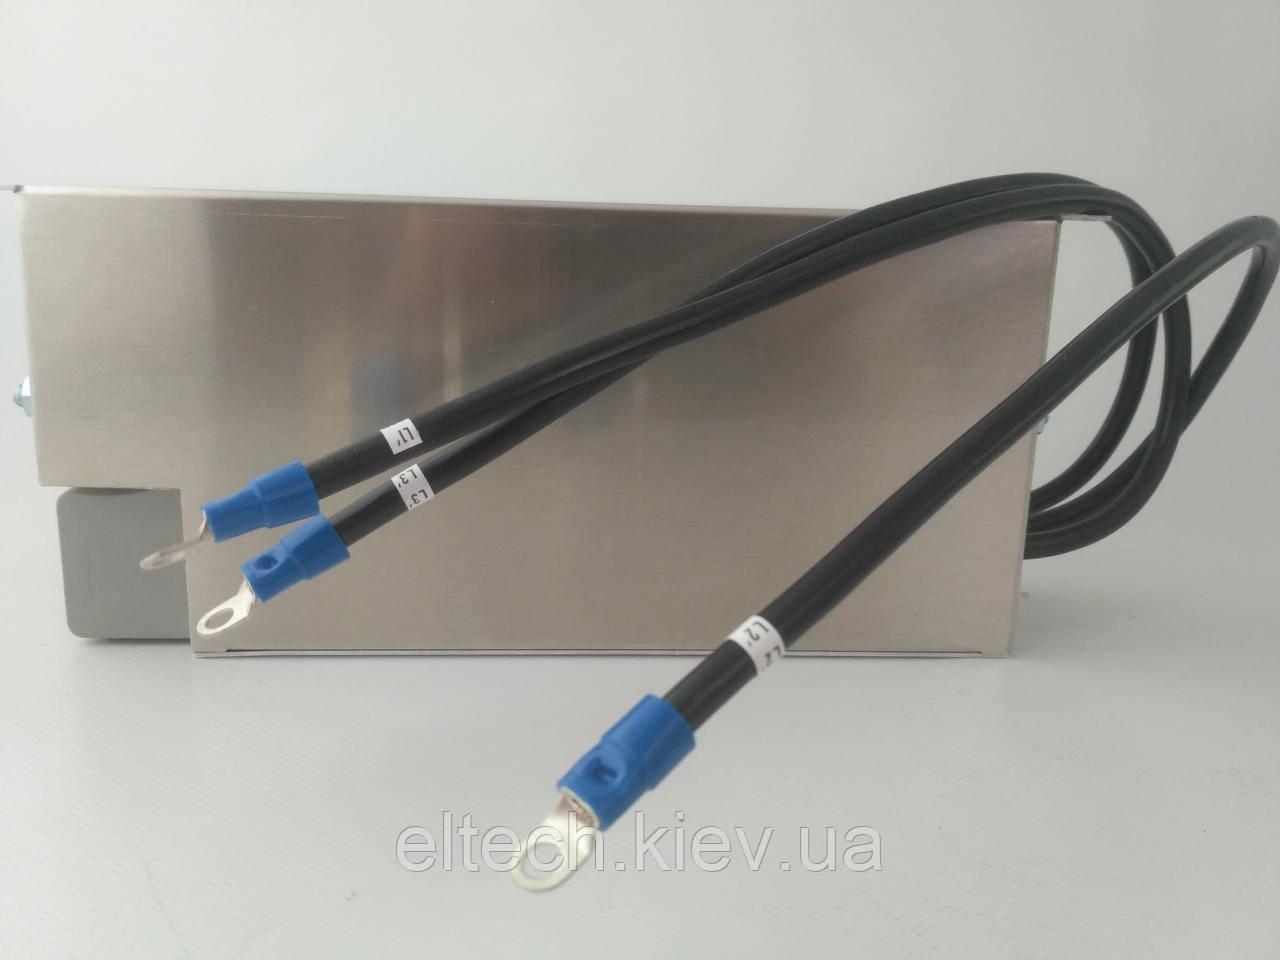 Фильтр для SJ700D (SJ700)-300HFEF3. Сетевой фильтр FS25108-64-07